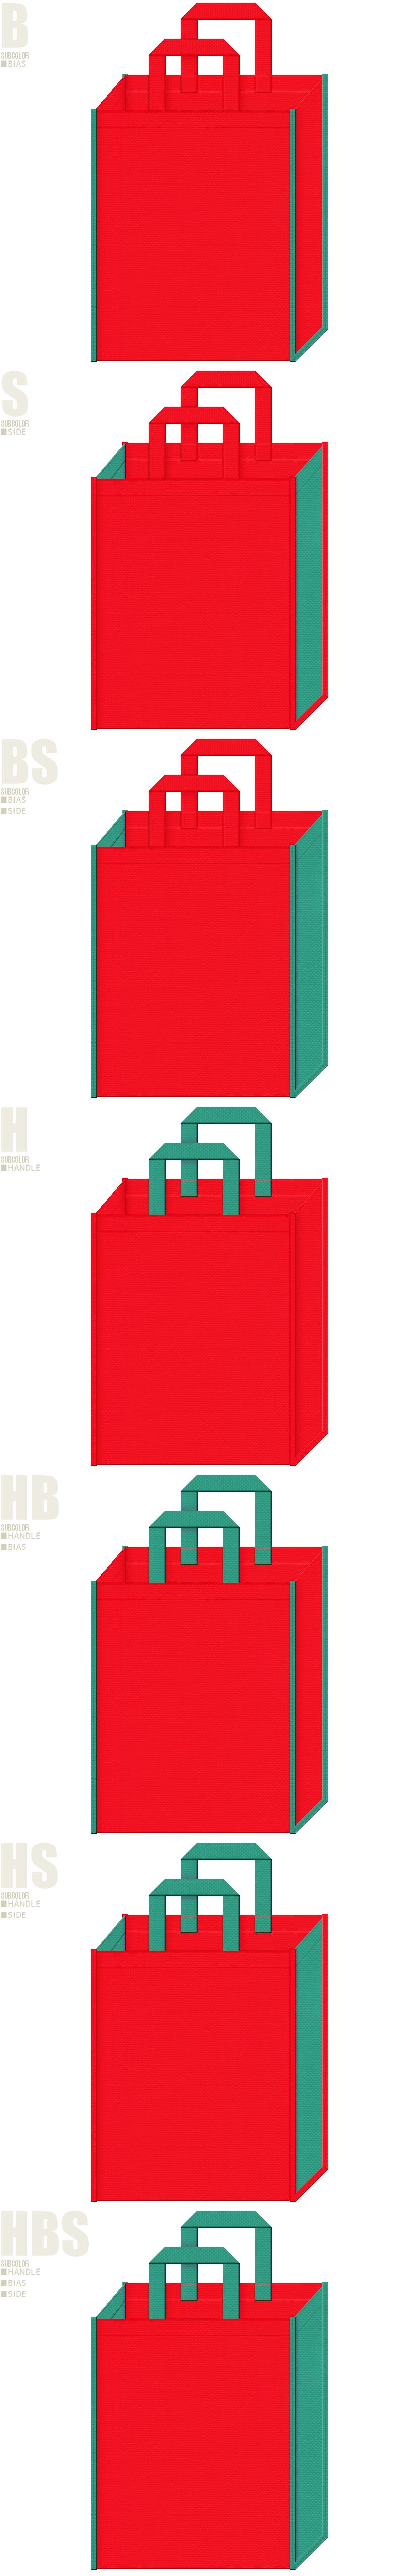 赤色と青緑色、7パターンの不織布トートバッグ配色デザイン例。